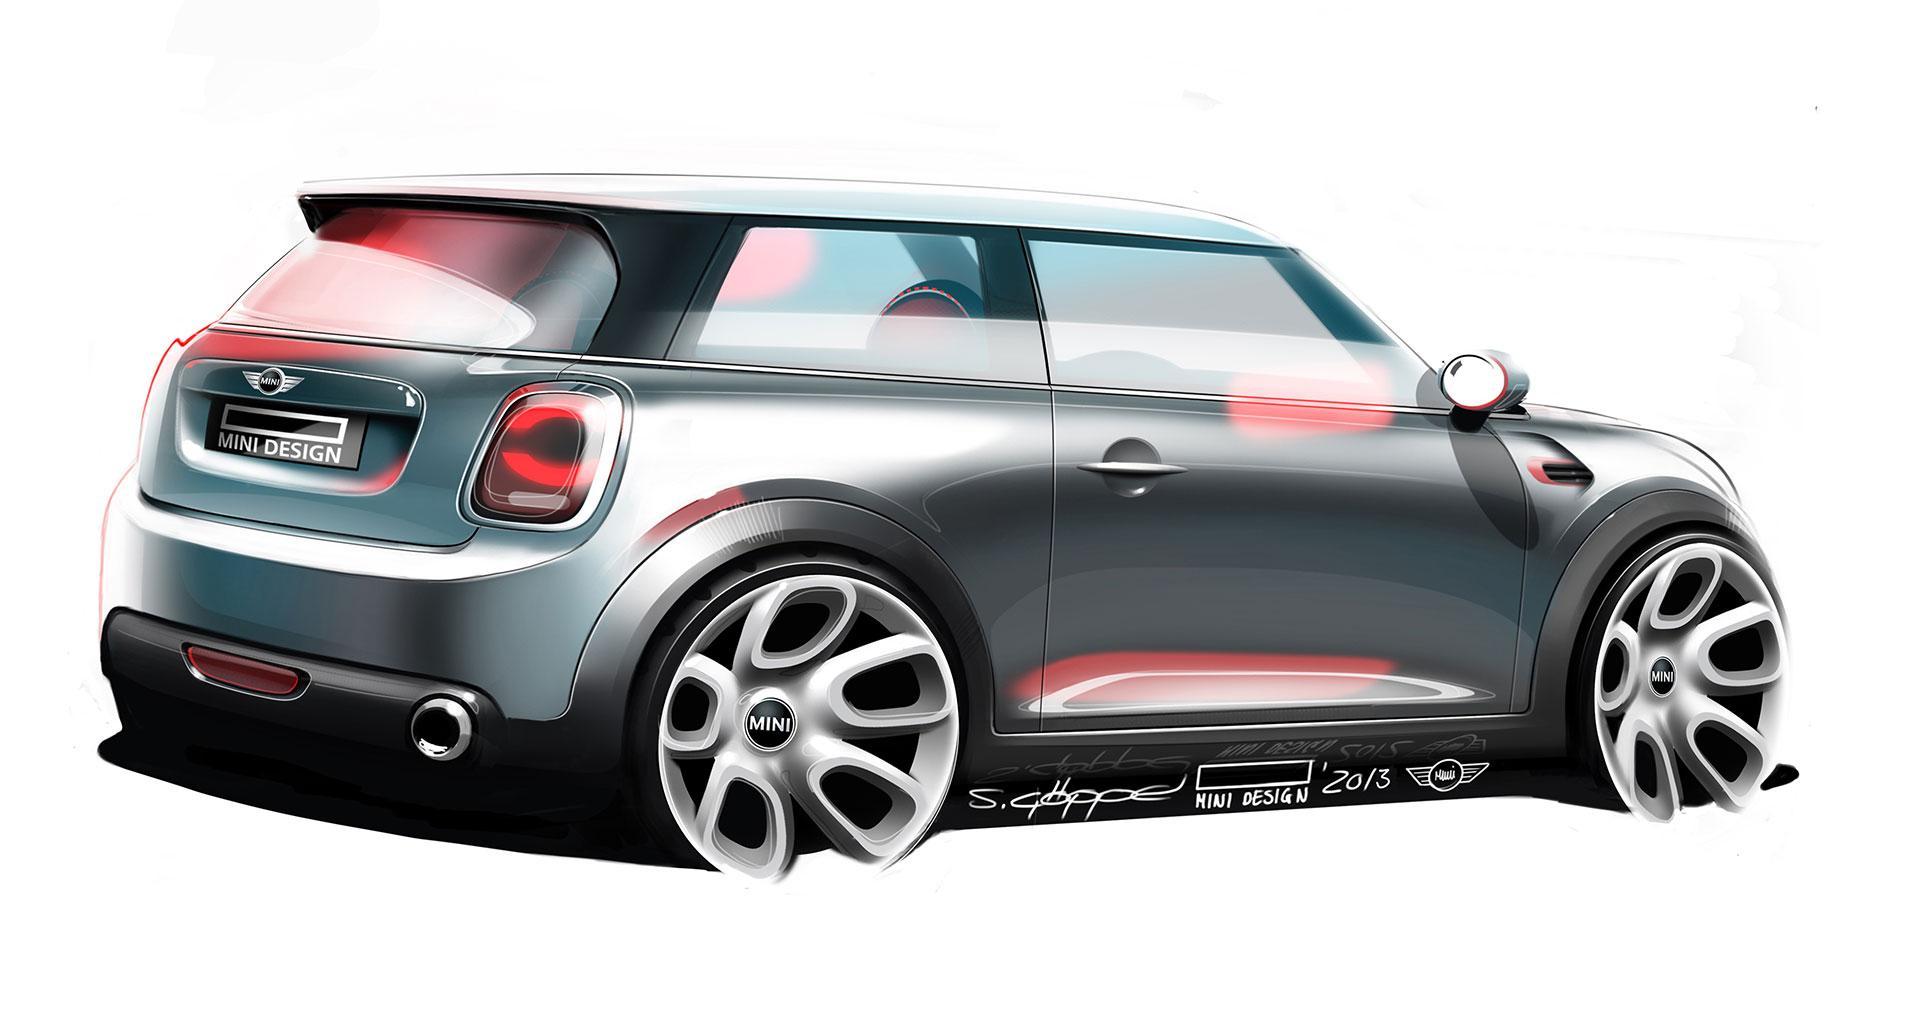 The New Mini Design Sketch Car Body Design 338210 On